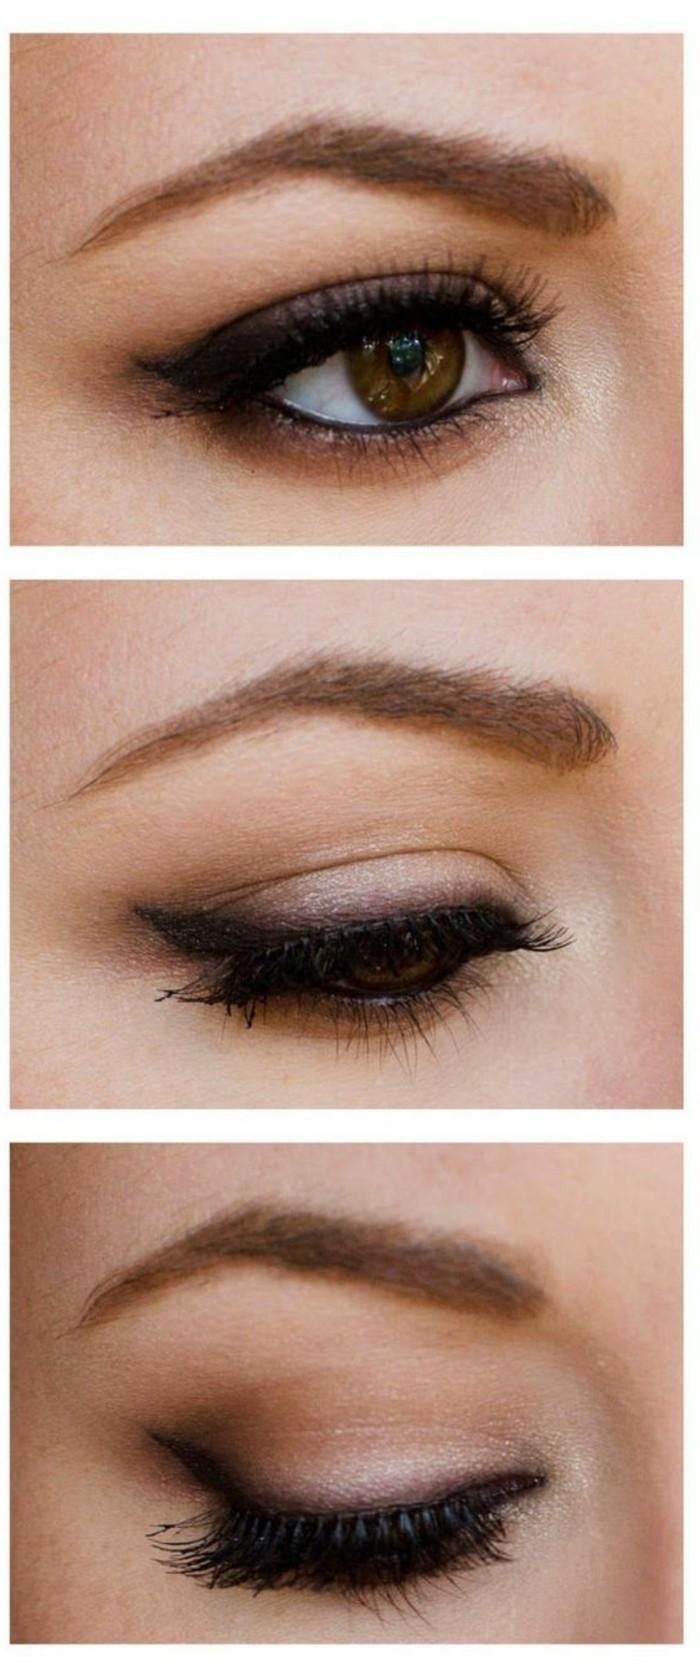 00-maquillage-yeux-noisettes-fard-a-paupiere-yeux-marron-comment-maquiller-les-yeux-marrons